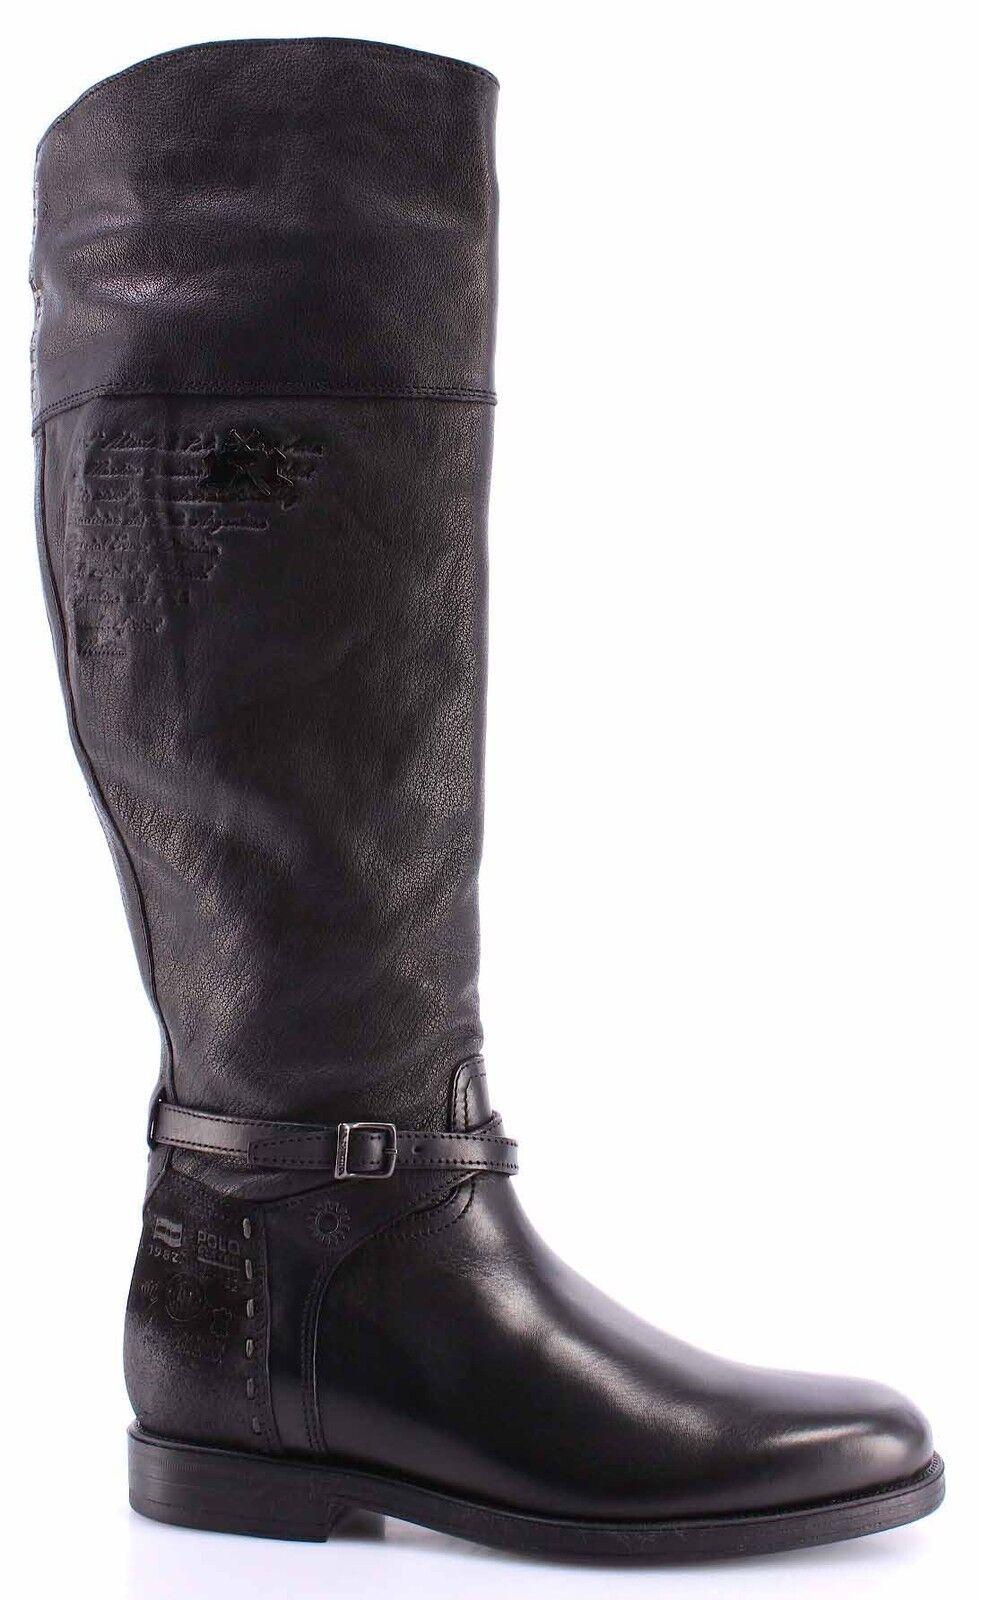 Women's Boots Shoes LA MARTINA L9110239 Cuero Nero Custer Nero Leather Black New